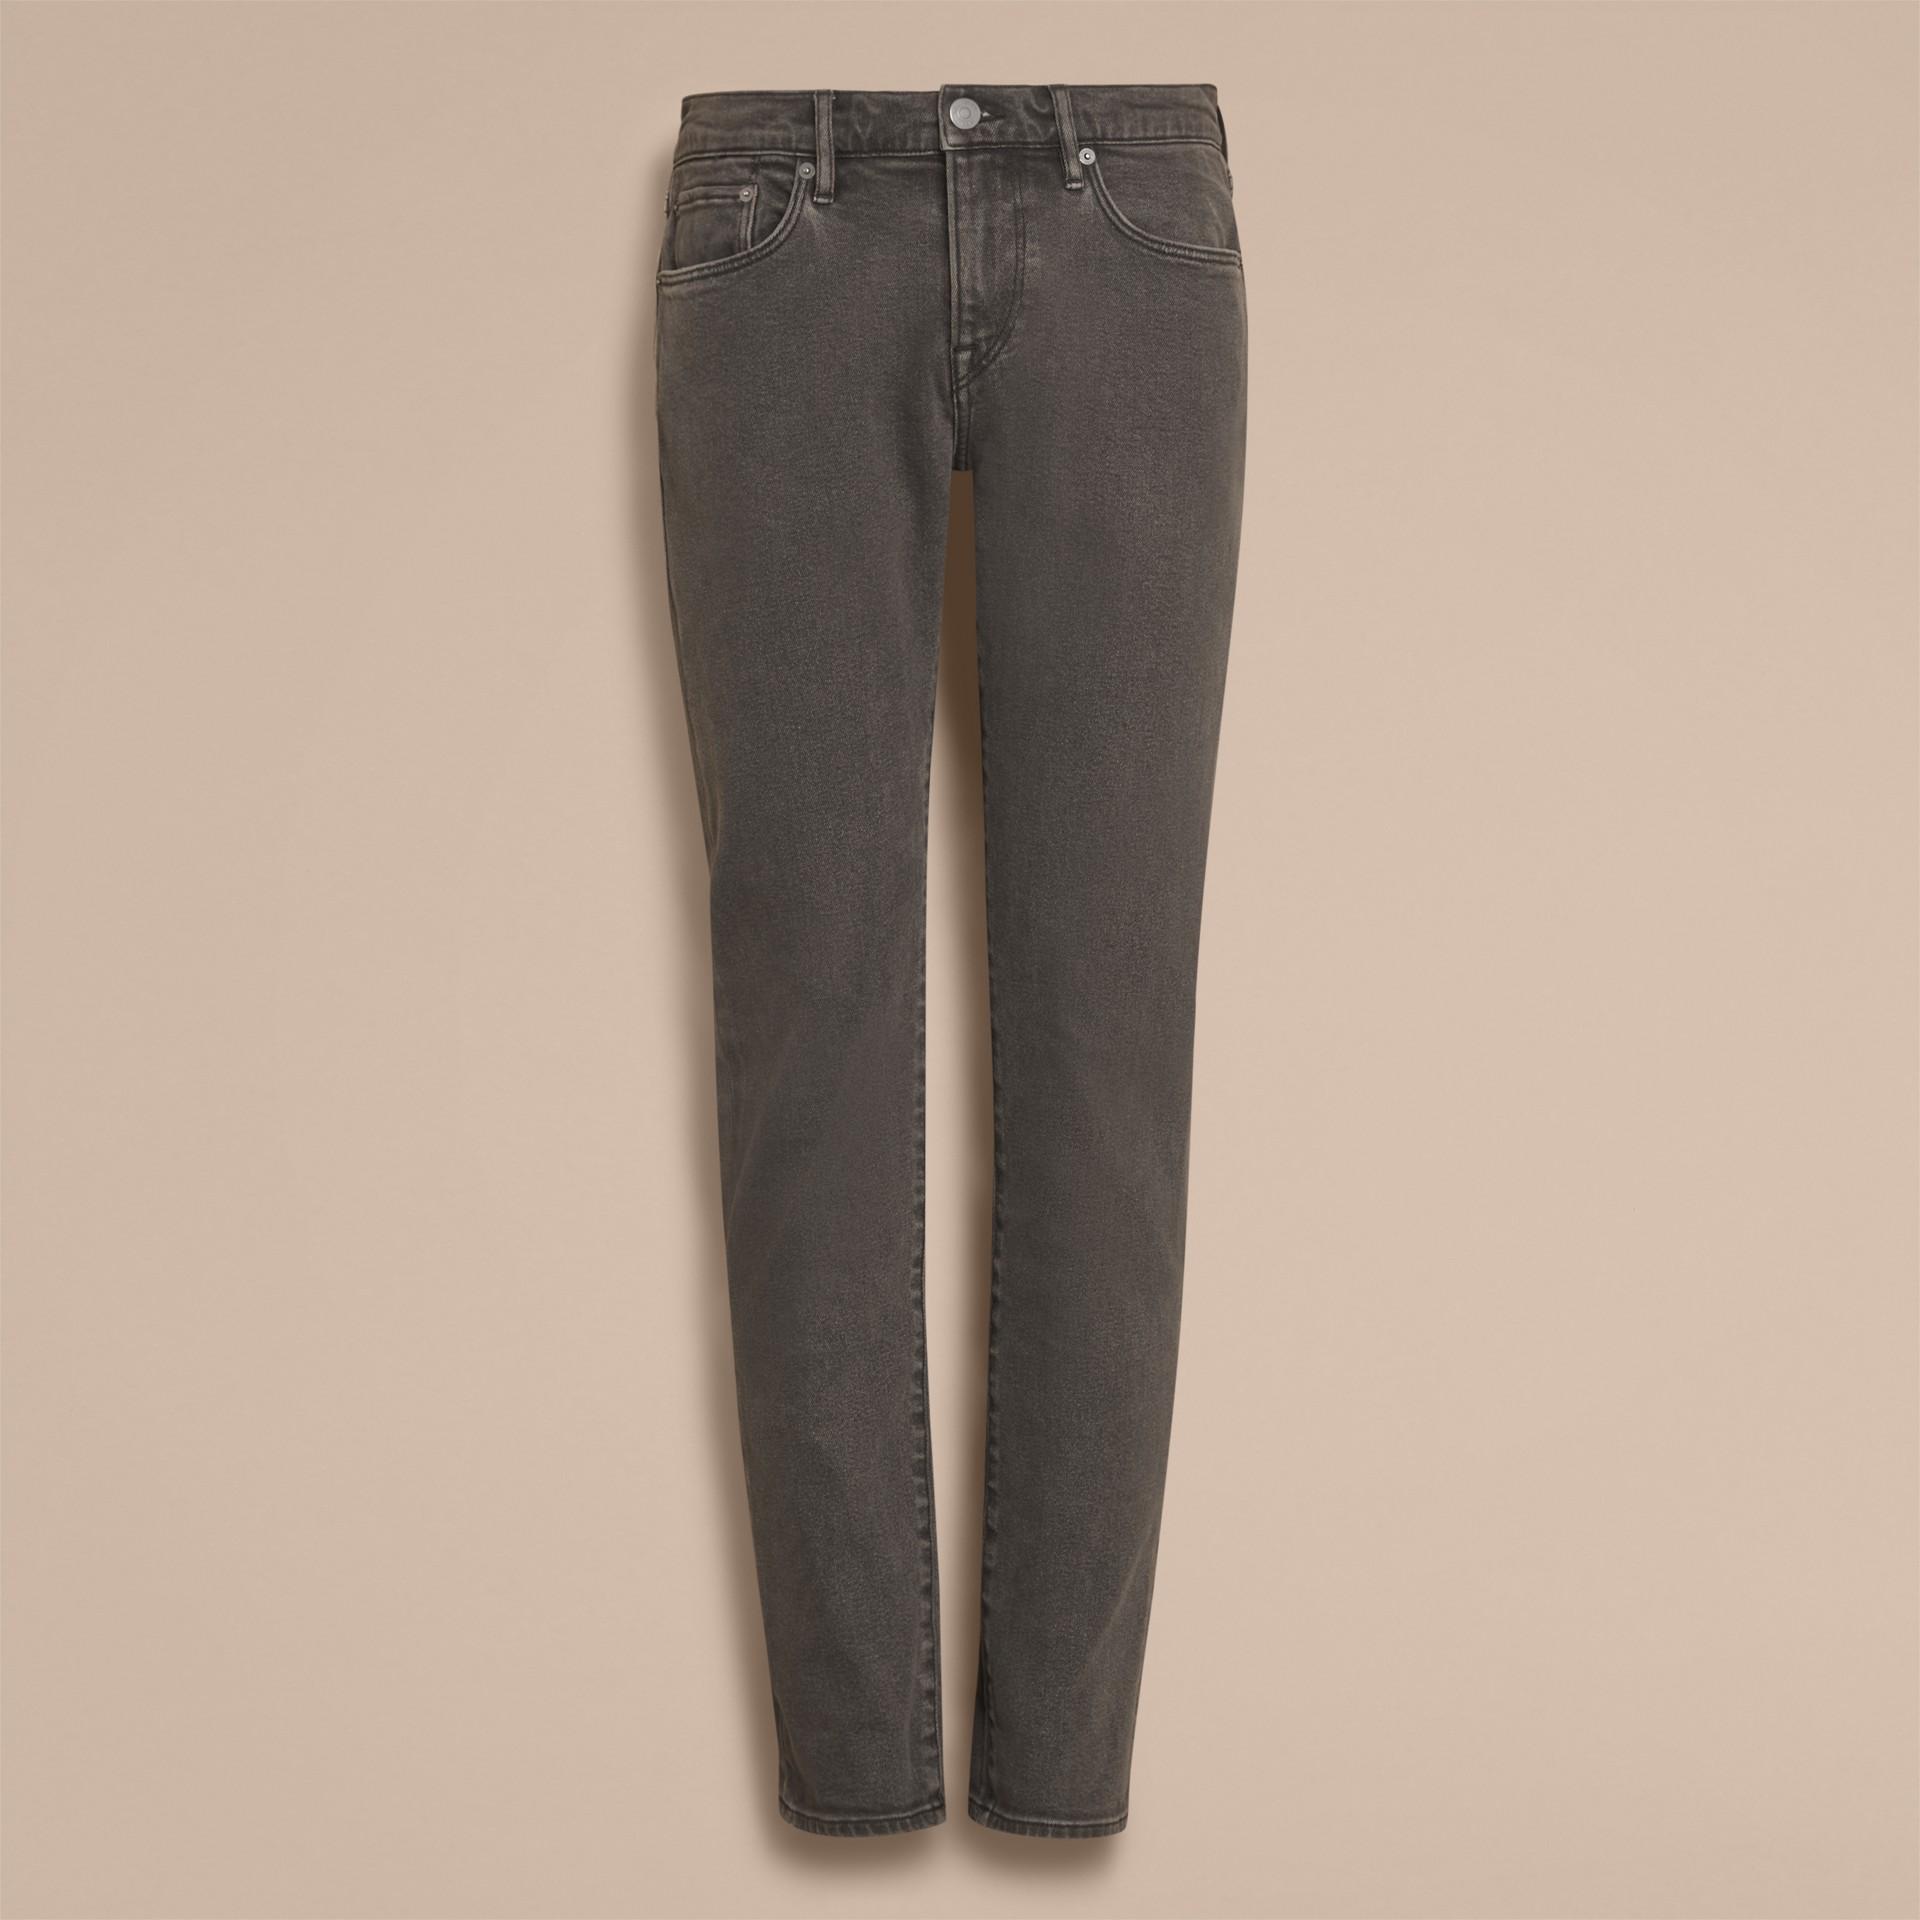 Körperbetonte Jeans aus japanischem Stretchdenim - Galerie-Bild 4